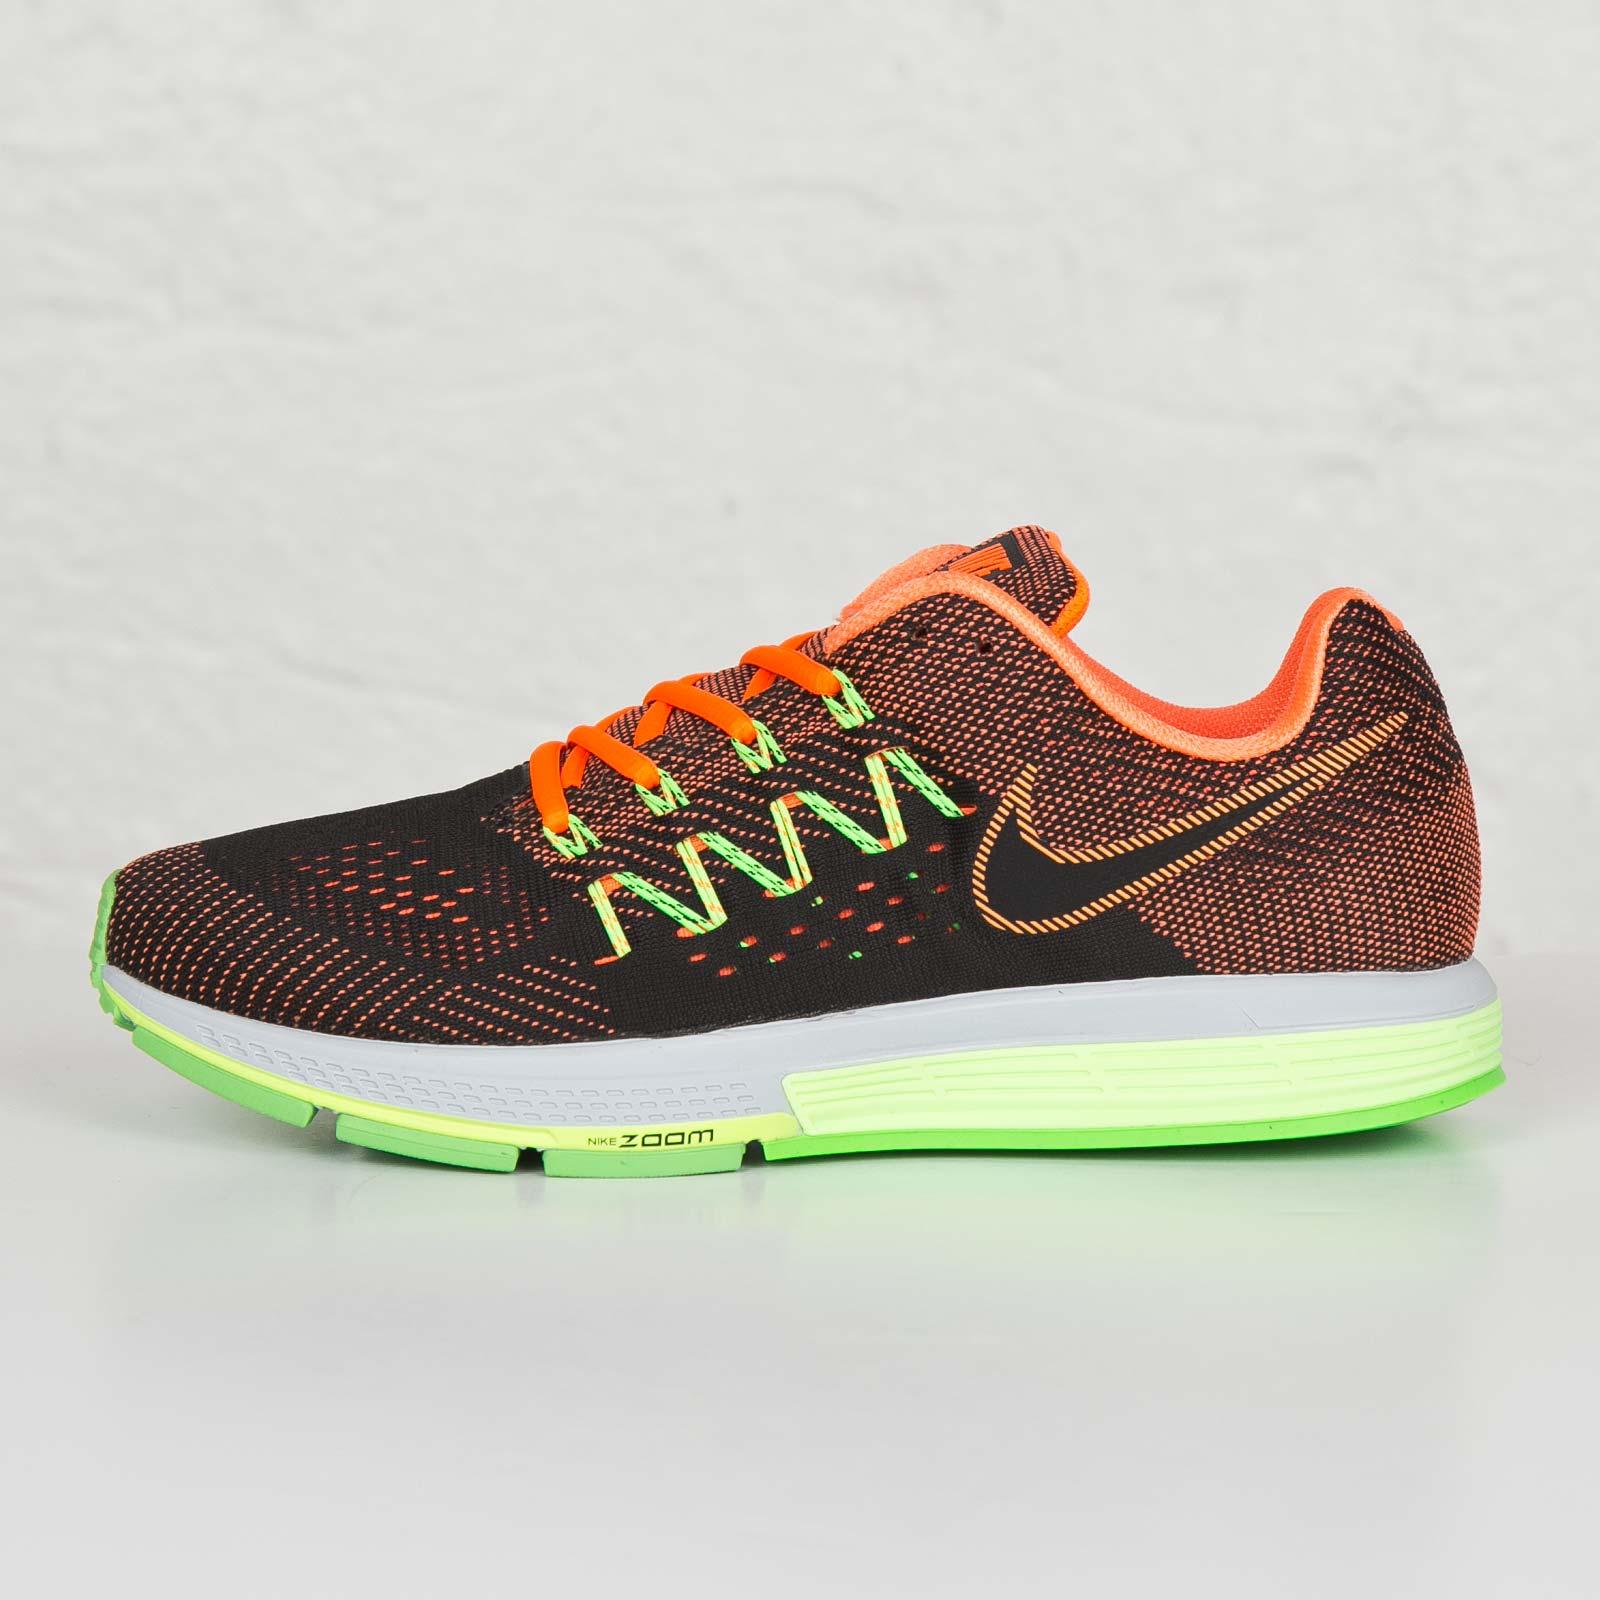 Nike Air Zoom Vomero 10 717440 803 Sneakersnstuff